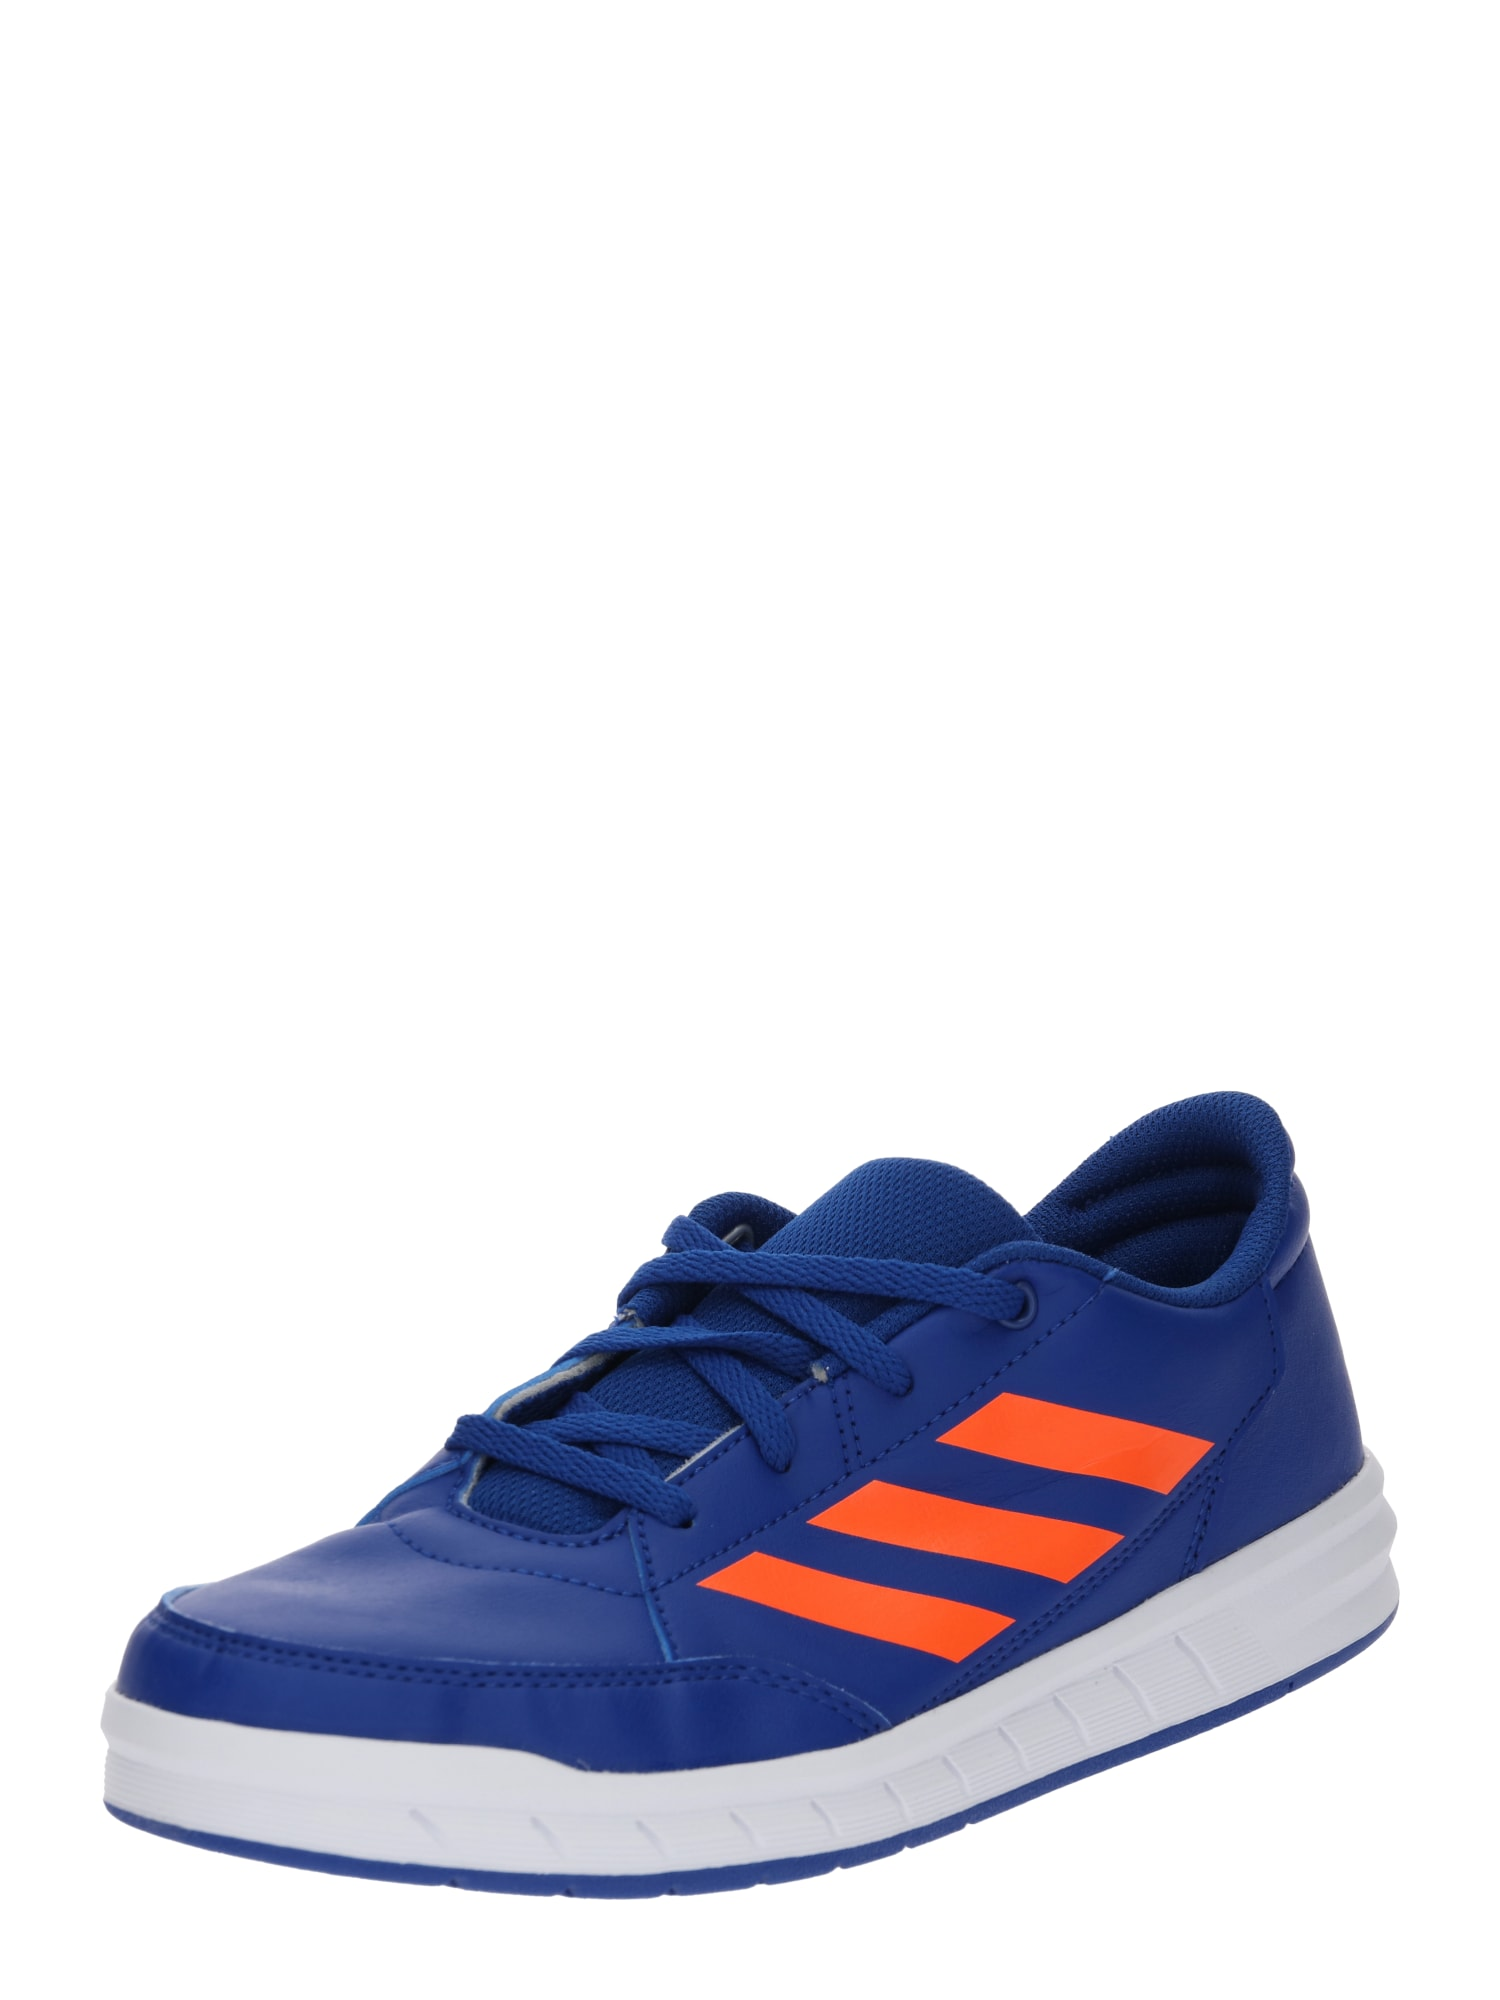 Sportovní boty AltaSport K modrá ADIDAS PERFORMANCE